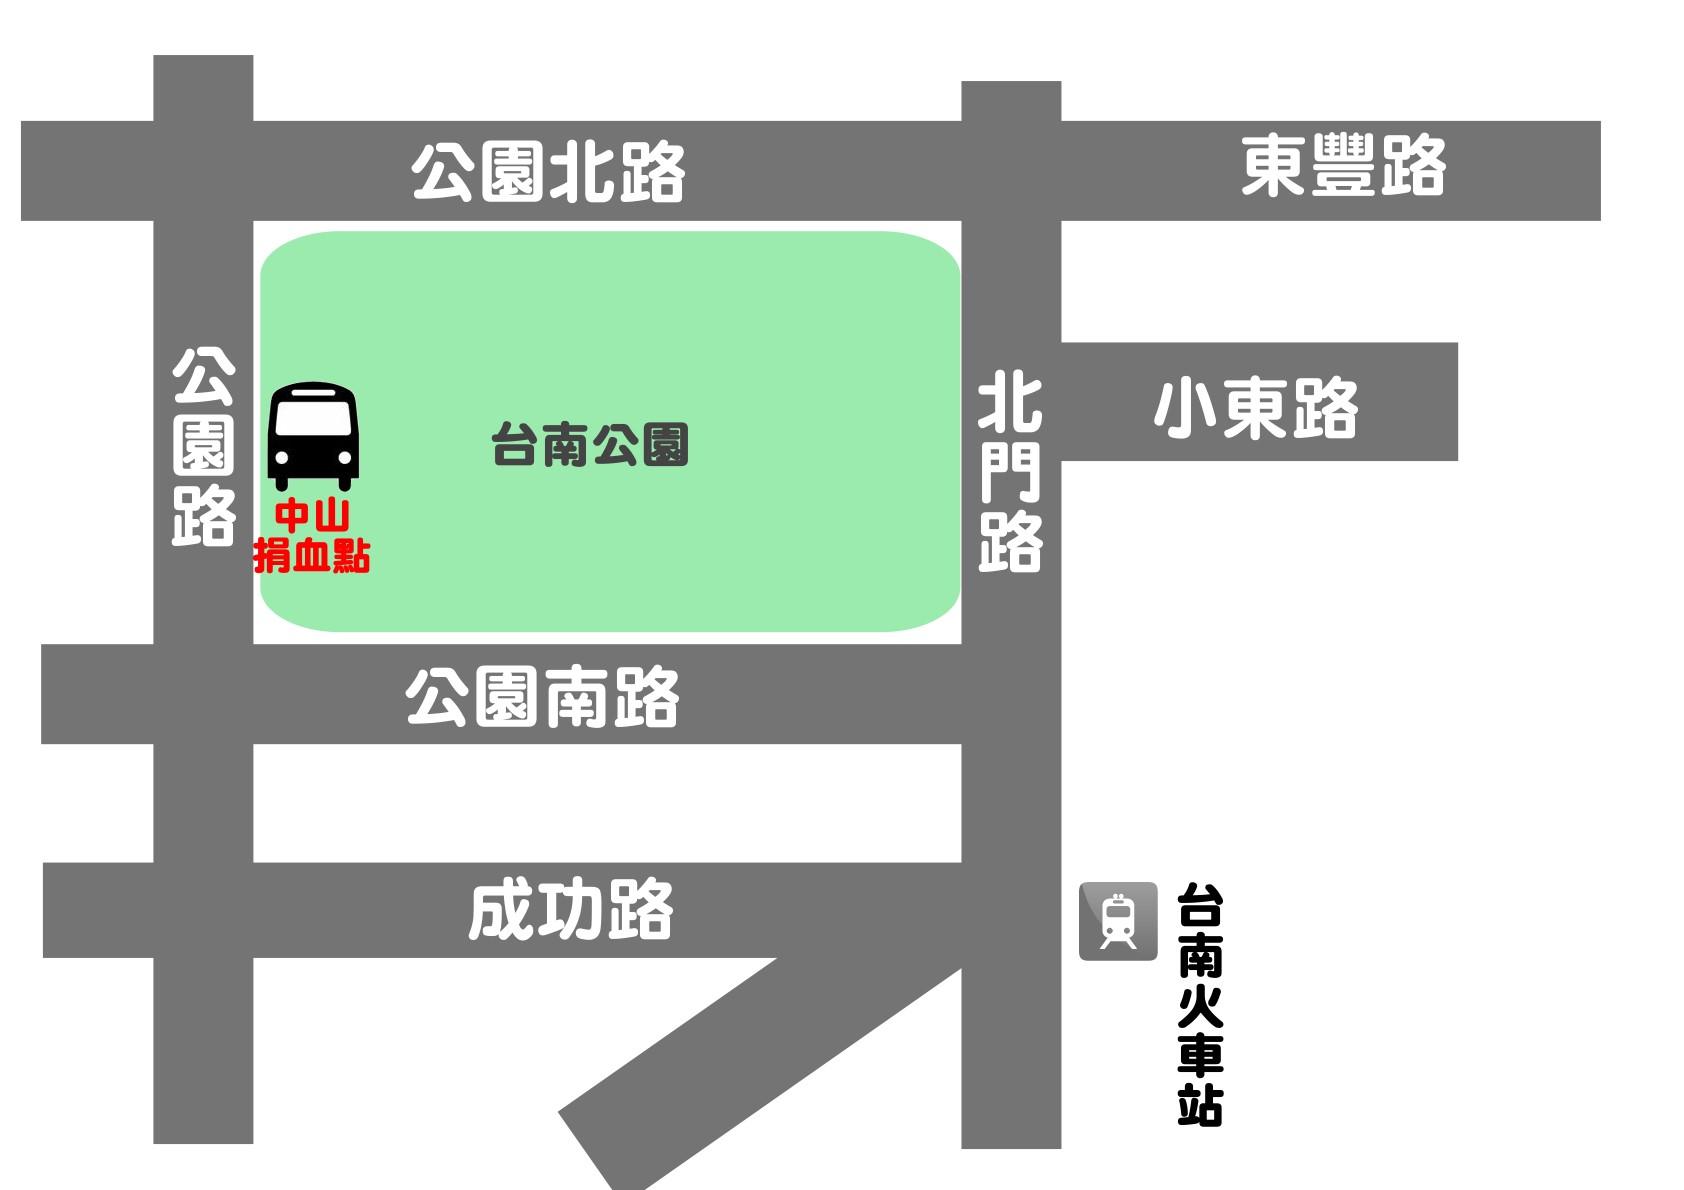 中山捐血點位置圖